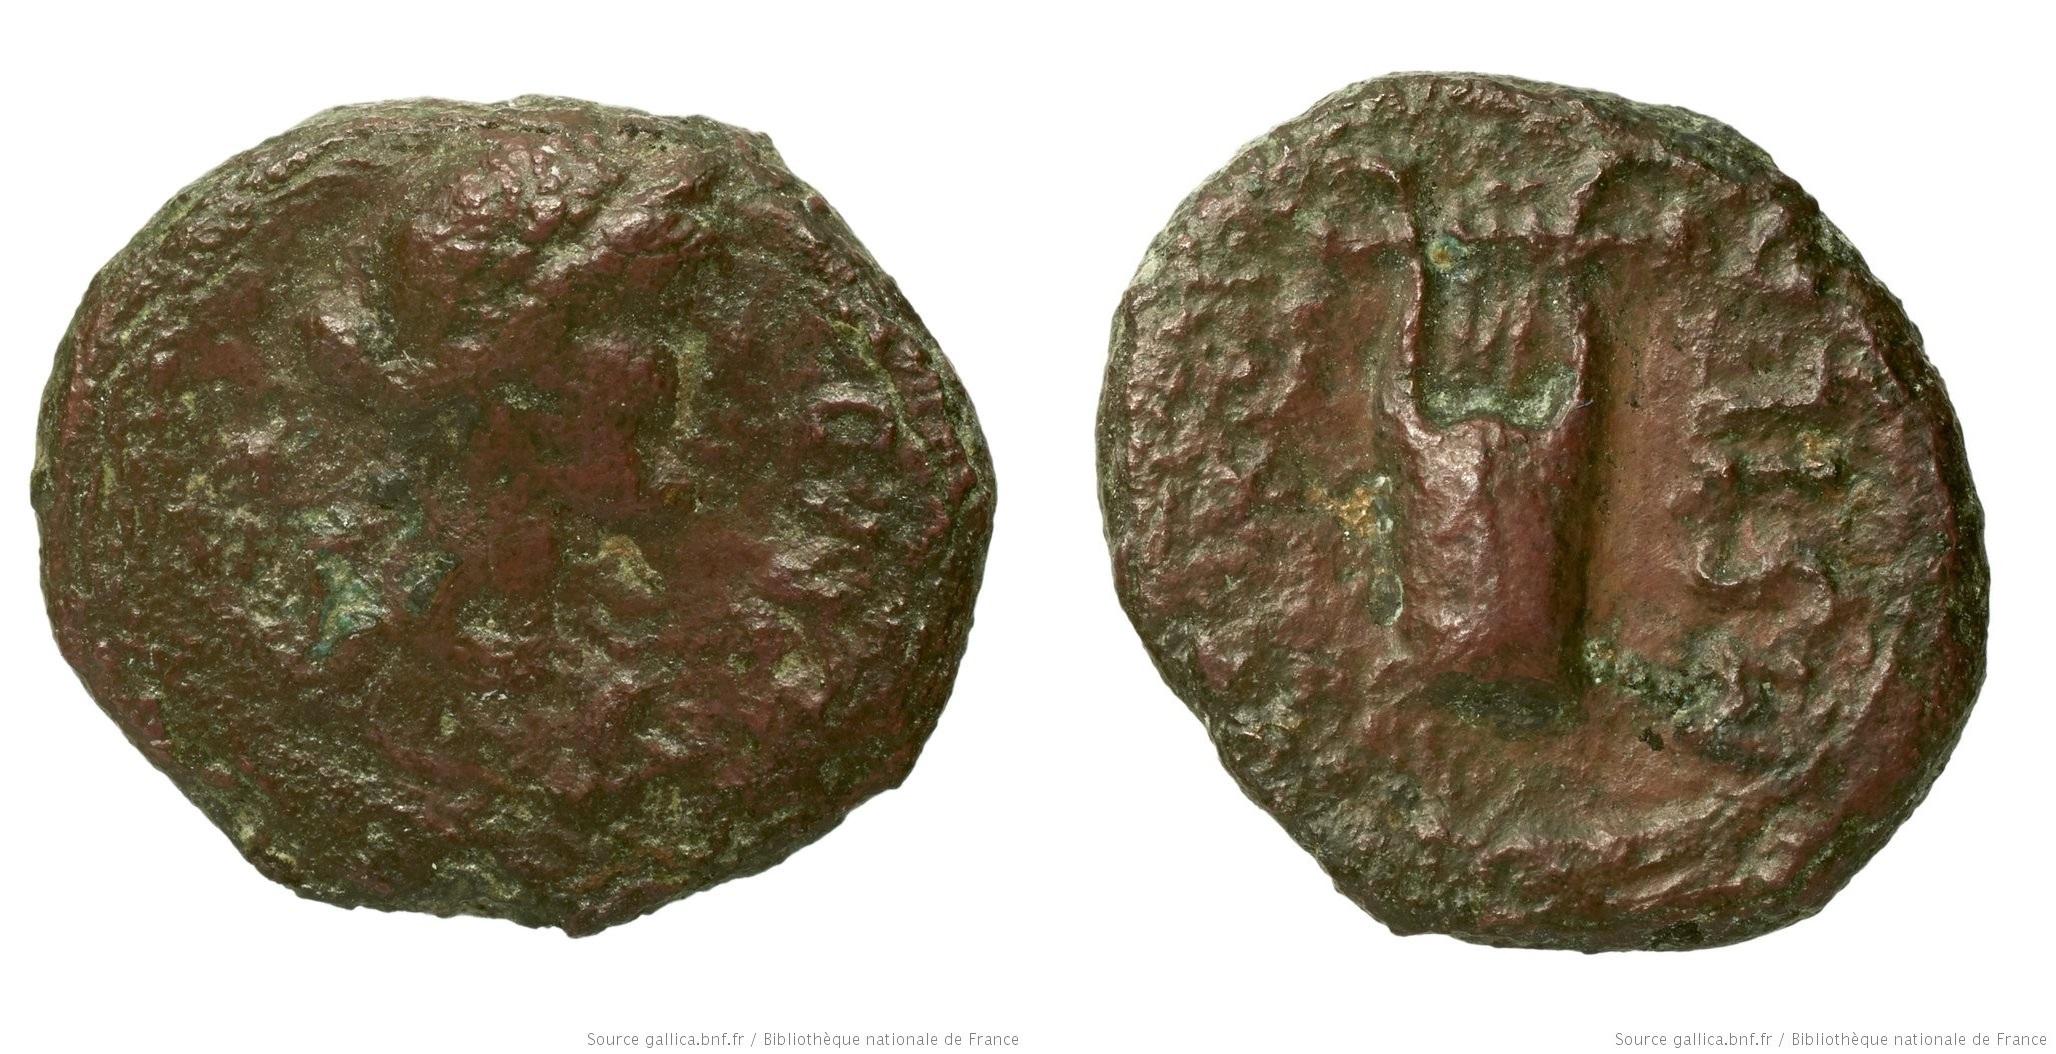 1082CU – Once Curtia – Quintus Curtius